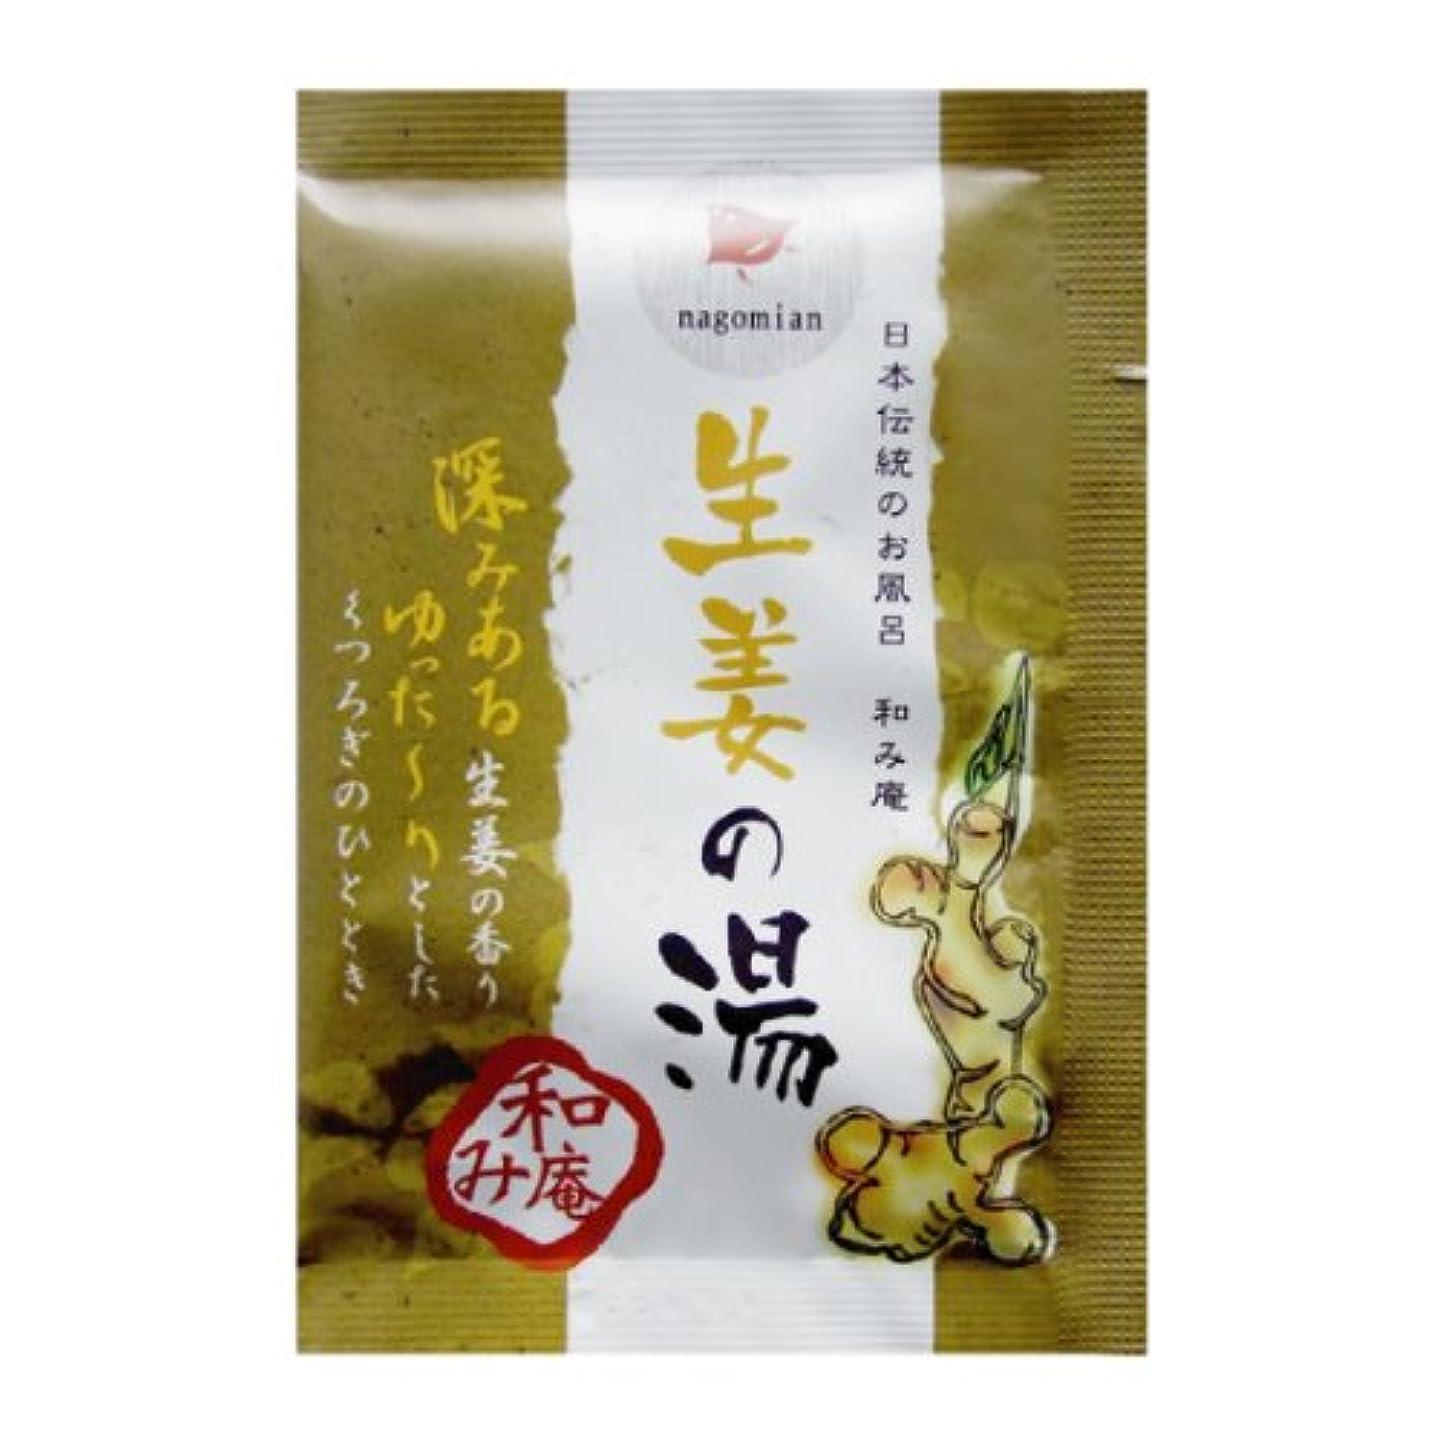 先生アマゾンジャングル評論家日本伝統のお風呂 和み庵 生姜の湯 200包